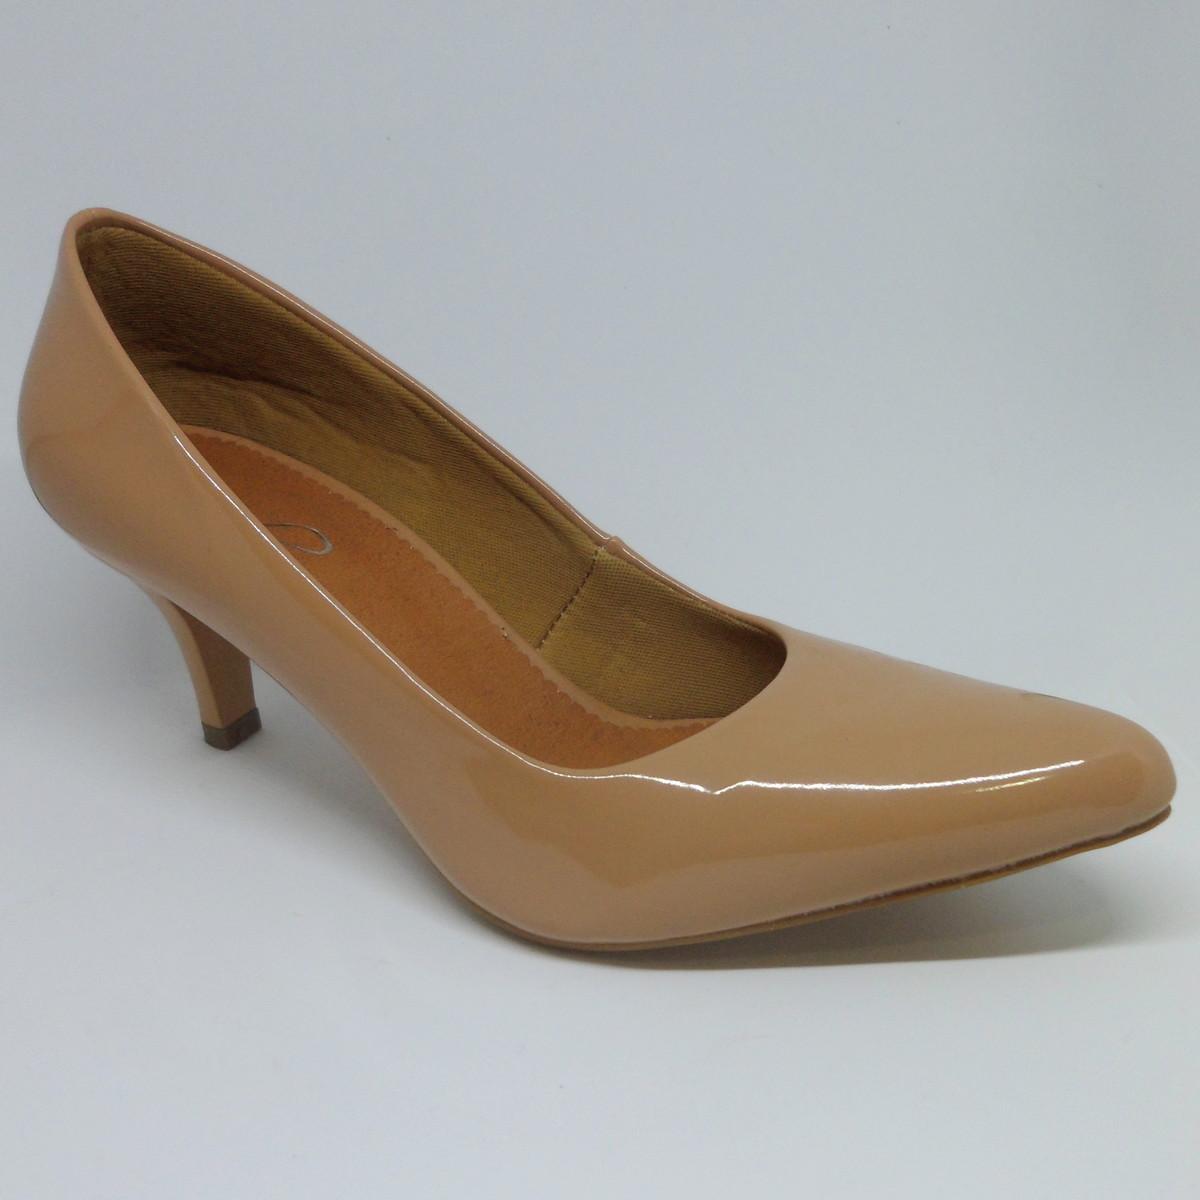 d7a3313c2 Sapato Scarpin Salto Baixo no Elo7